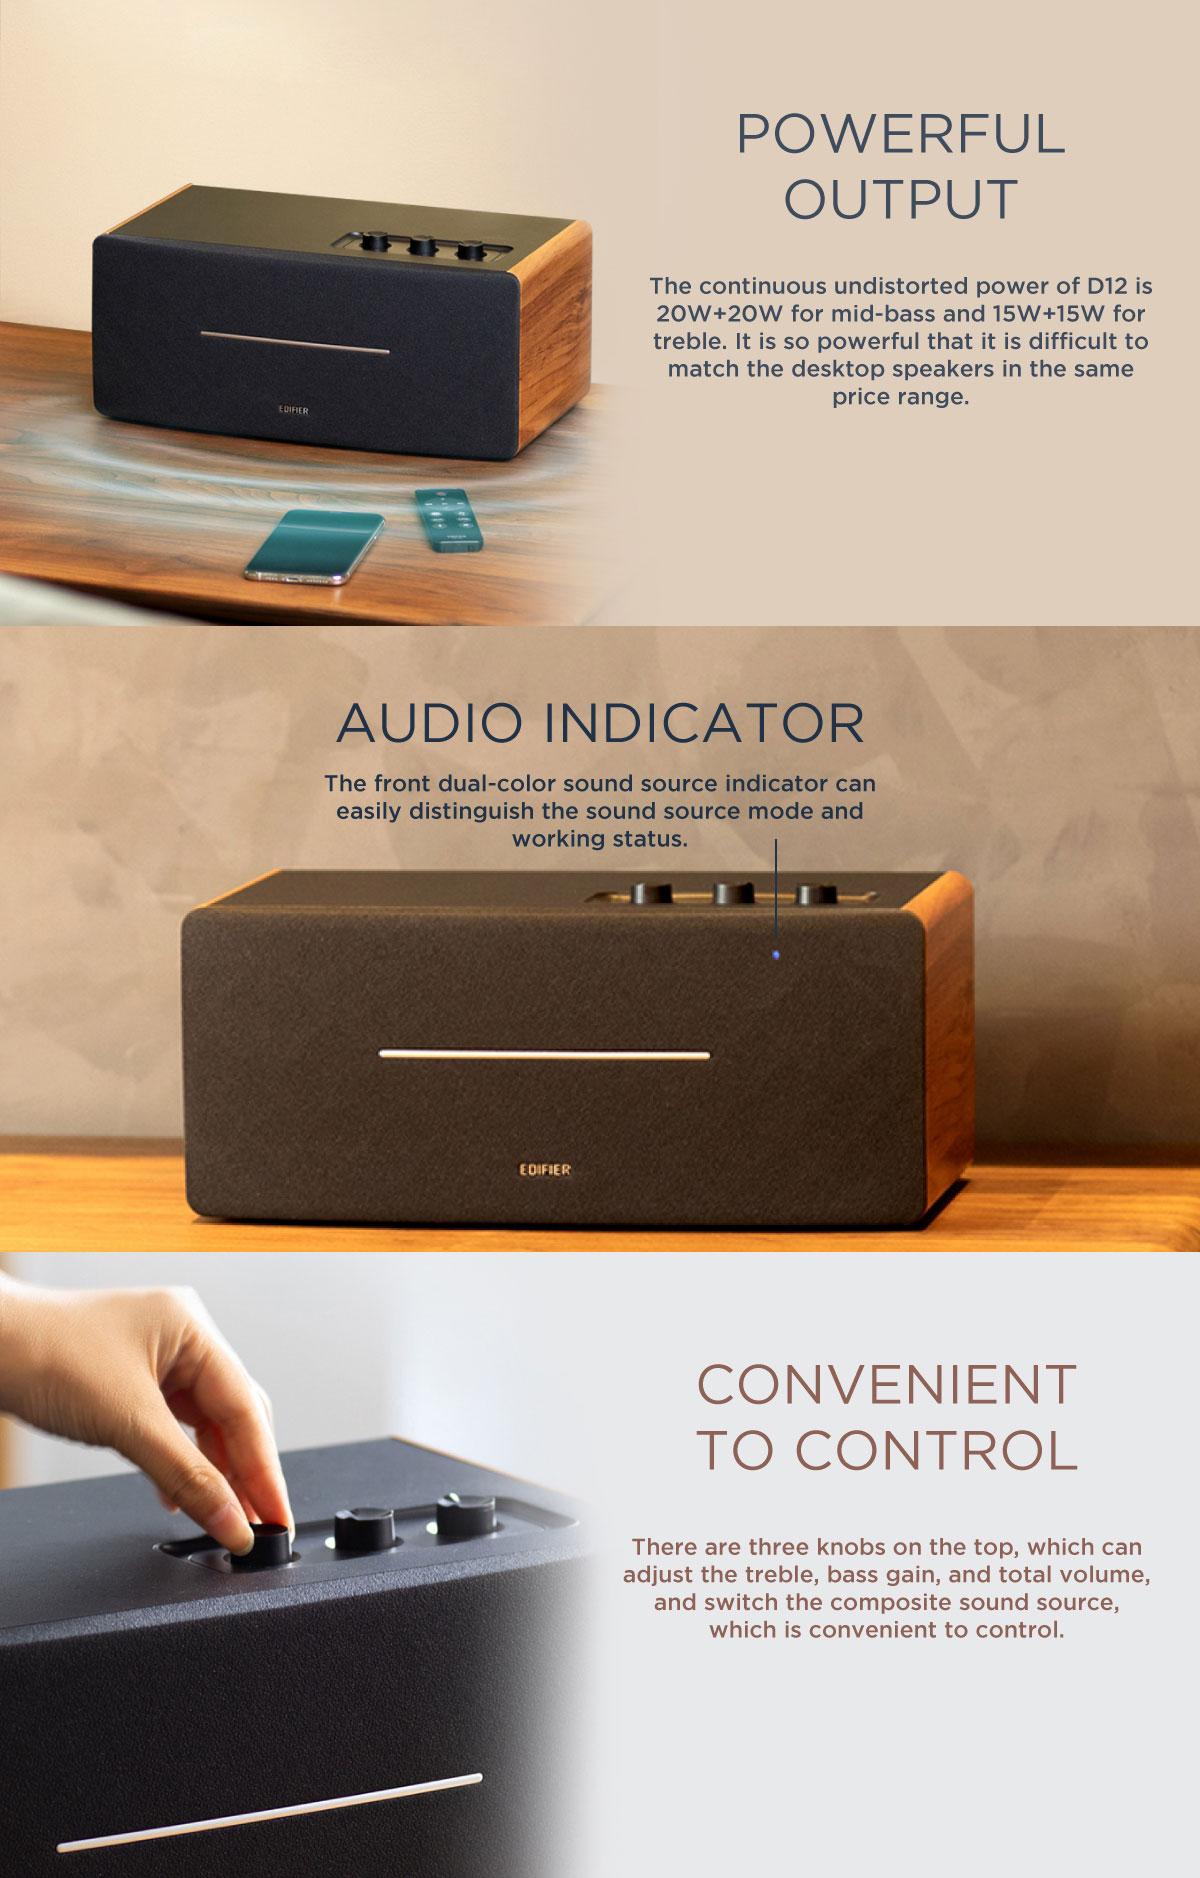 edifier d12 speaker